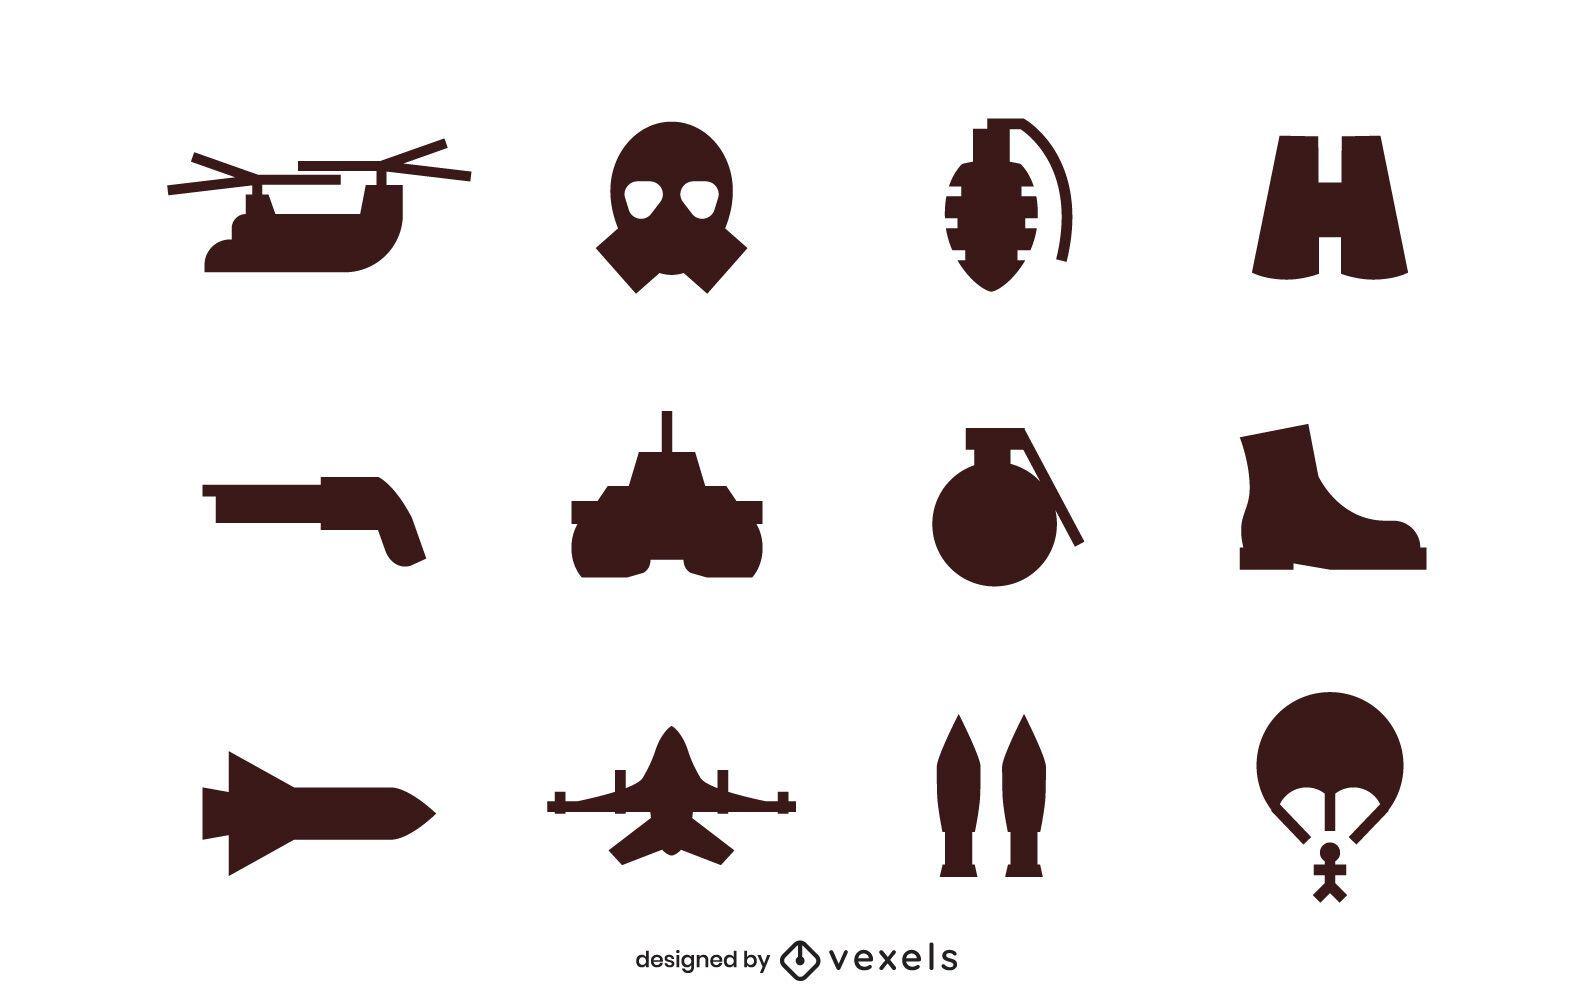 Army silhouette icon set